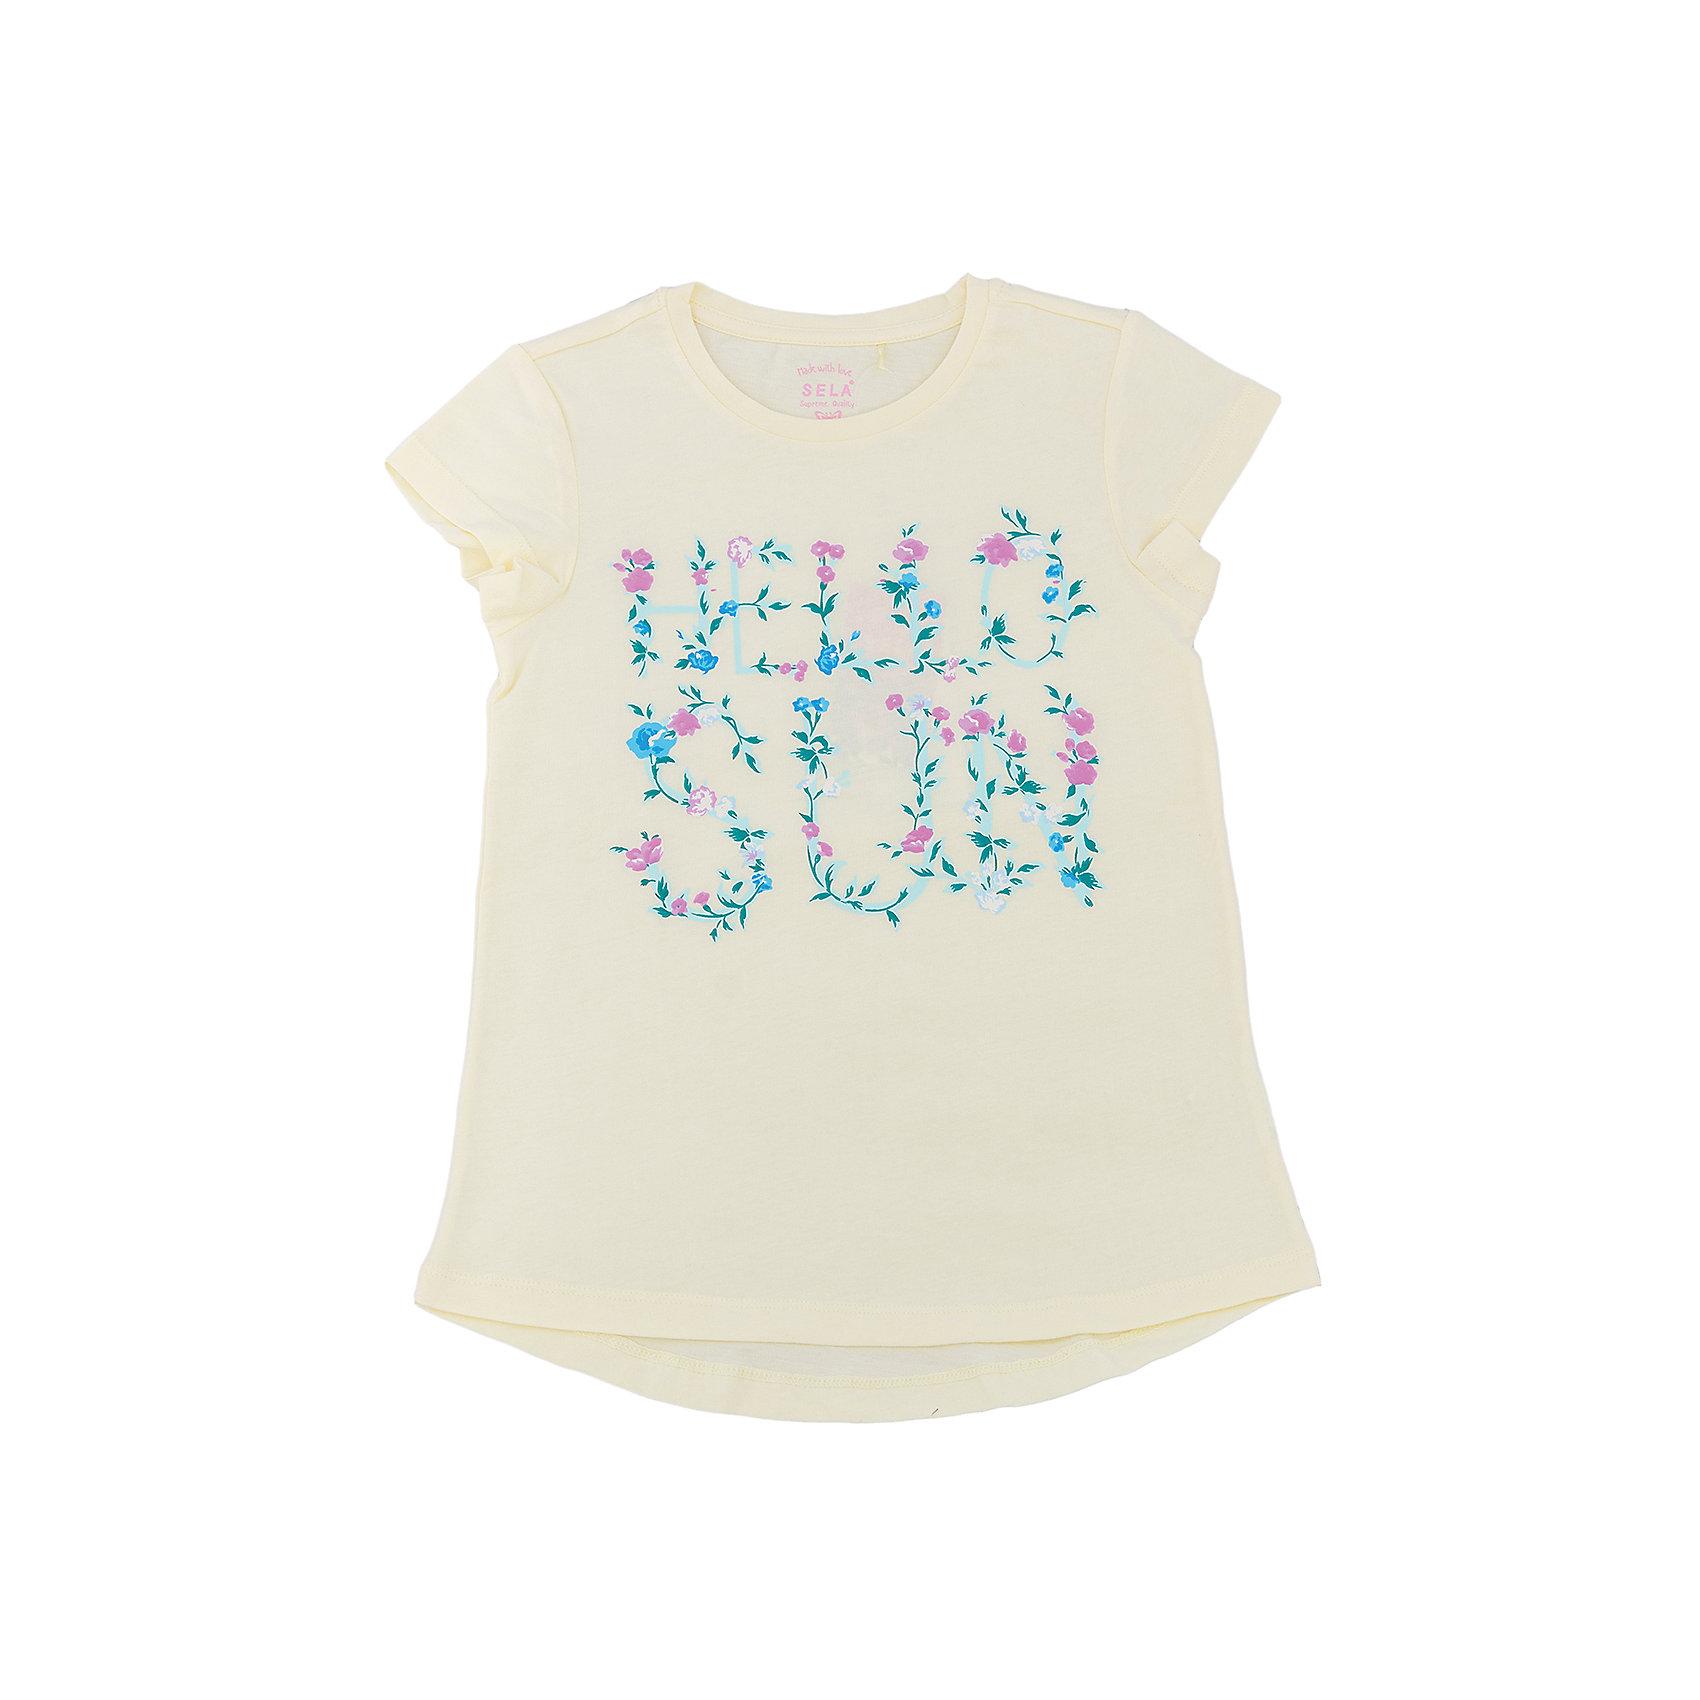 Футболка для девочки SELAФутболки, поло и топы<br>Характеристики товара:<br><br>• цвет: светло-желтый<br>• состав: 100% хлопок<br>• принт<br>• короткие рукава<br>• округлый горловой вырез<br>• страна бренда: Российская Федерация<br><br>В новой коллекции SELA отличные модели одежды! Эта футболка для девочки поможет разнообразить гардероб ребенка и обеспечить комфорт. Она отлично сочетается с юбками и брюками. Стильная и удобная вещь!<br><br>Футболку для девочки от популярного бренда SELA (СЕЛА) можно купить в нашем интернет-магазине.<br><br>Ширина мм: 230<br>Глубина мм: 40<br>Высота мм: 220<br>Вес г: 250<br>Цвет: желтый<br>Возраст от месяцев: 72<br>Возраст до месяцев: 84<br>Пол: Женский<br>Возраст: Детский<br>Размер: 122,128,134,140,146,152<br>SKU: 5303656